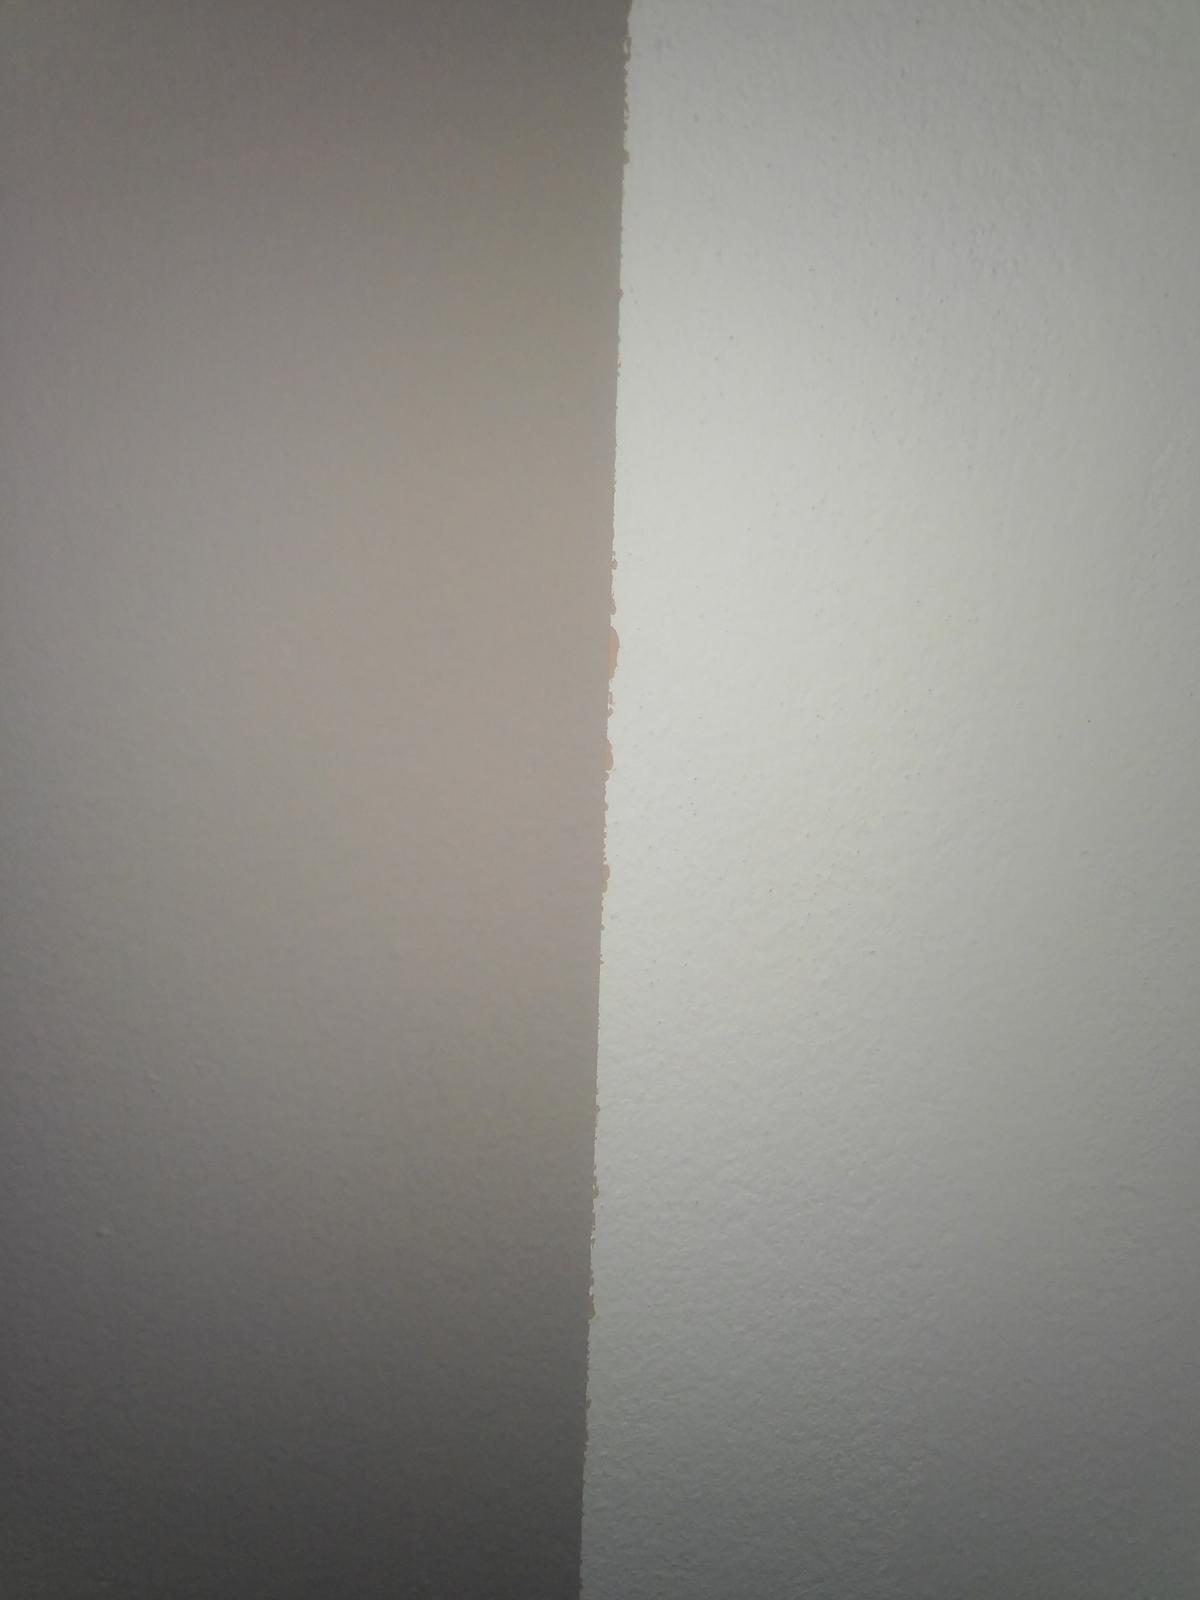 Profi malíř - má takto vypadat výmalba  - - Tapet... 3258188725f